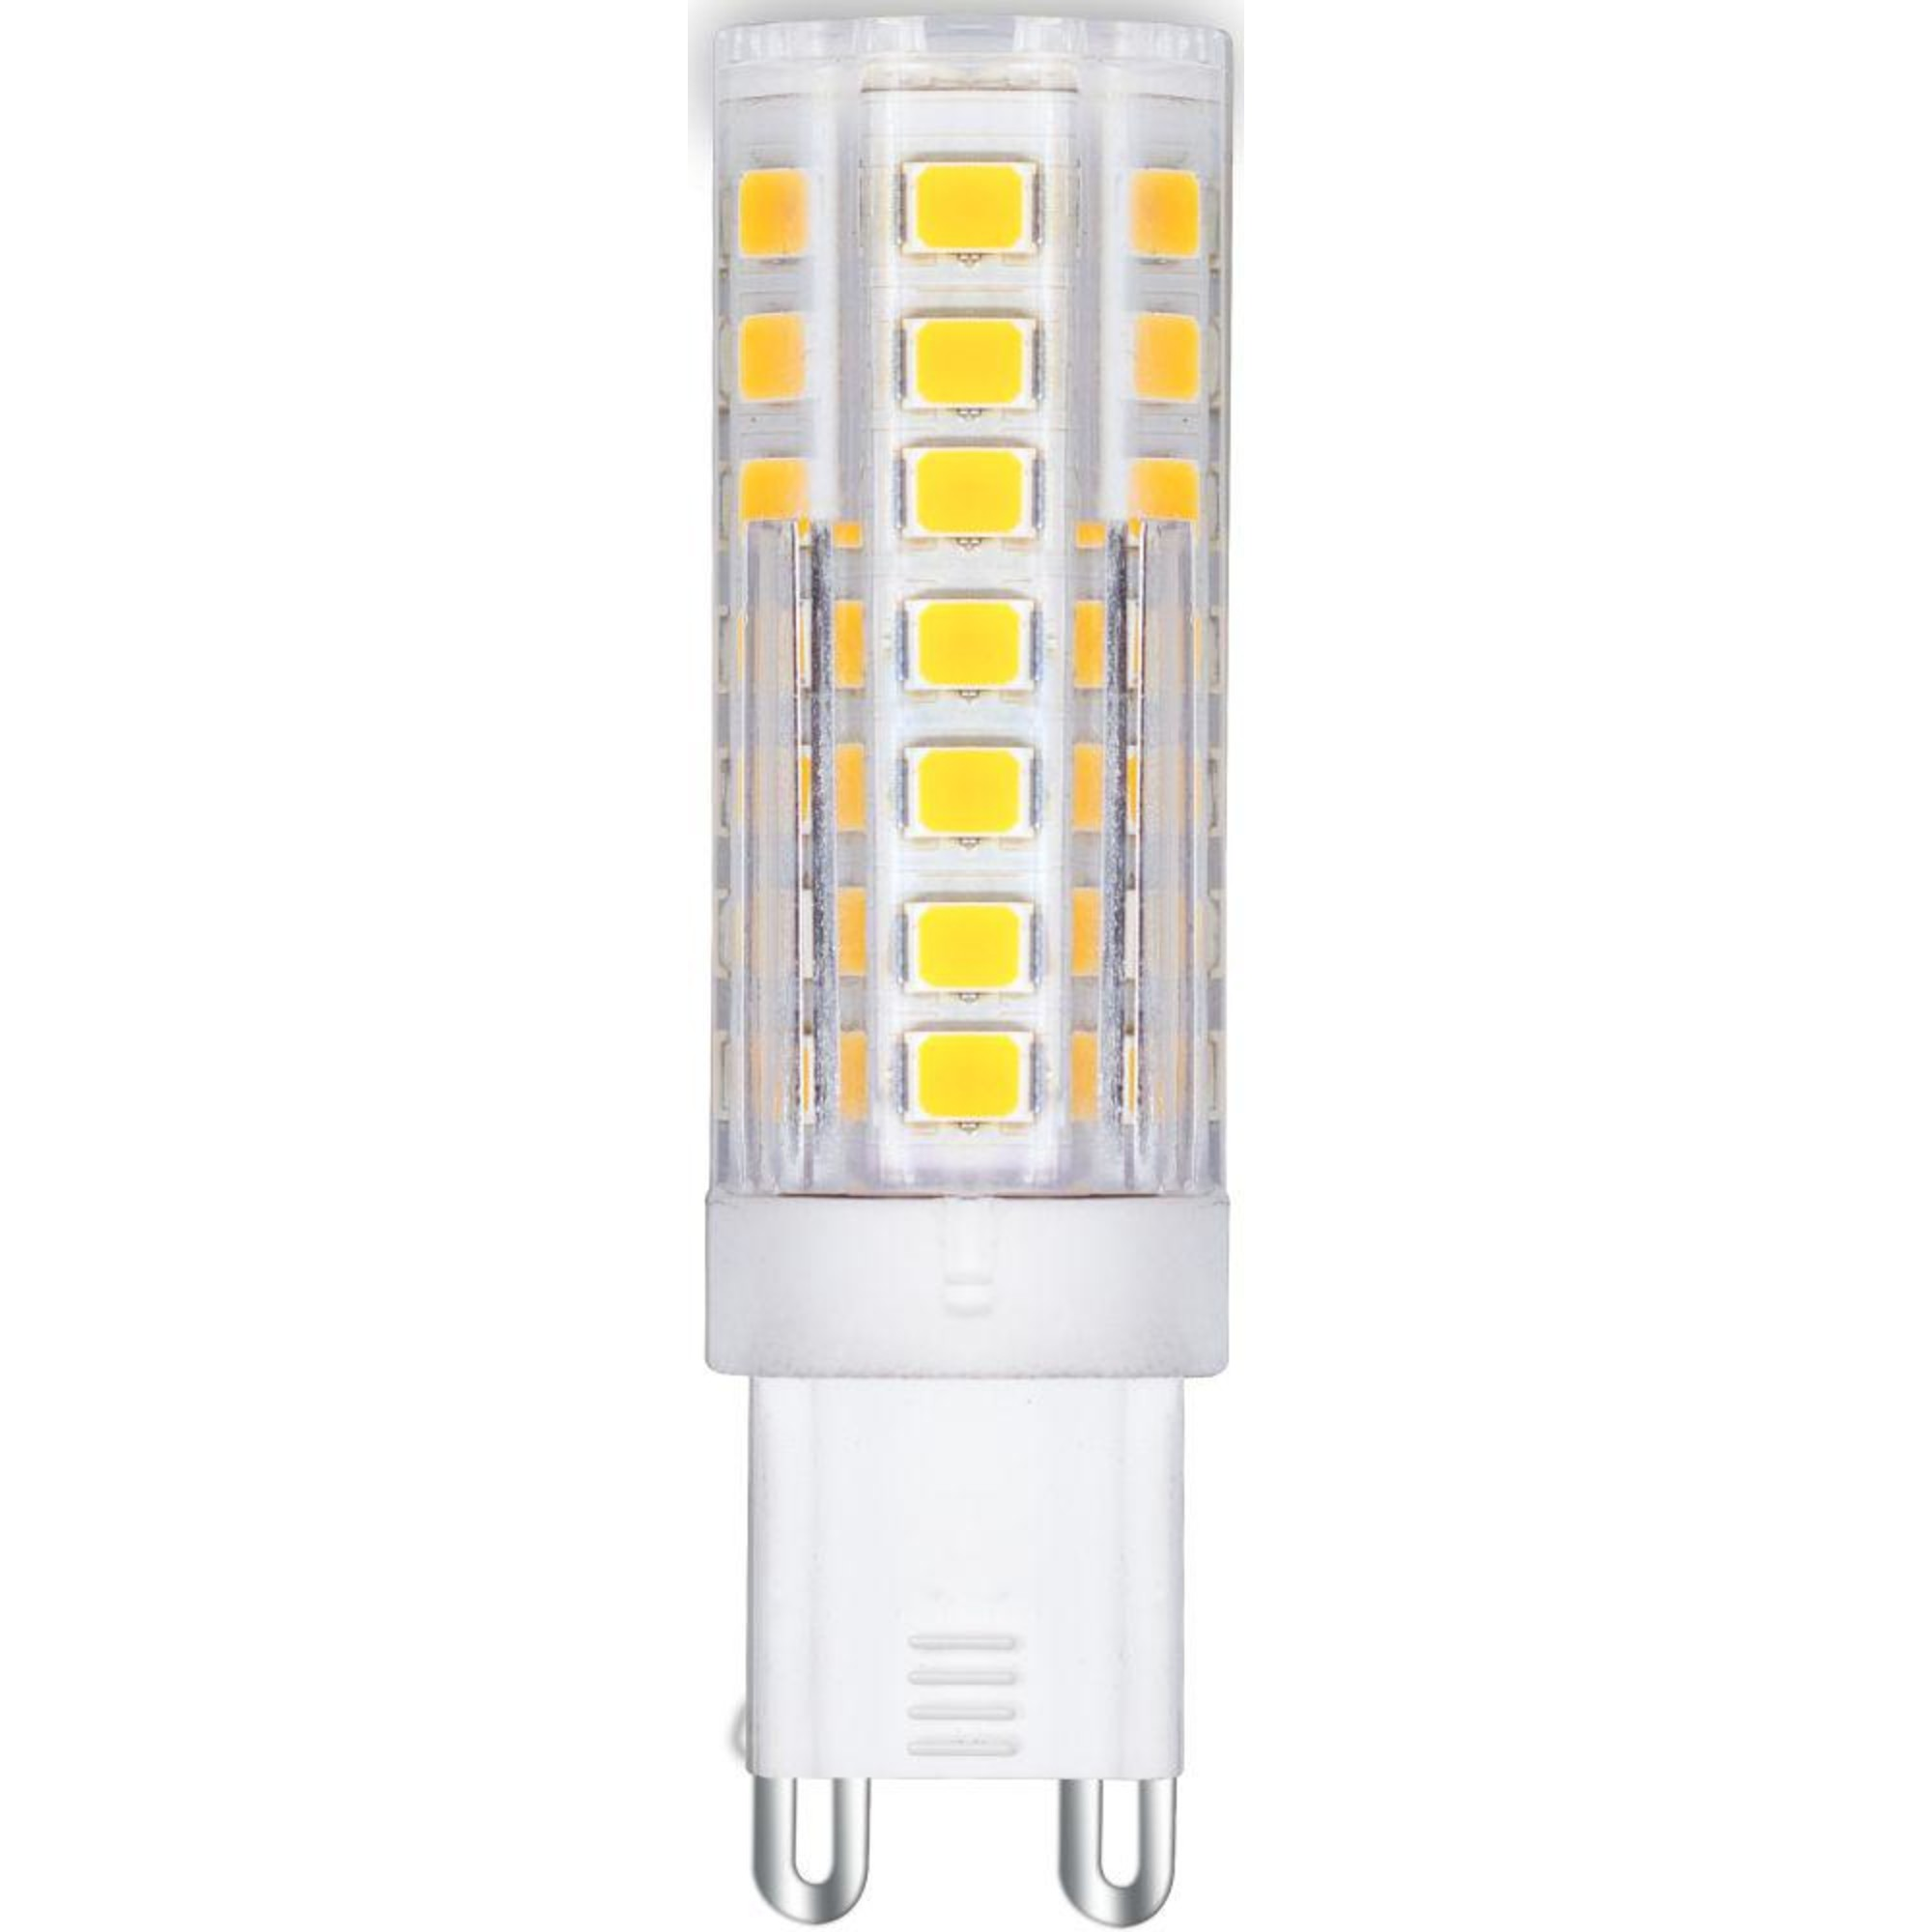 Лампа Ecola Premium светодионая G9 7 Вт капсула 560 Лм теплый свет